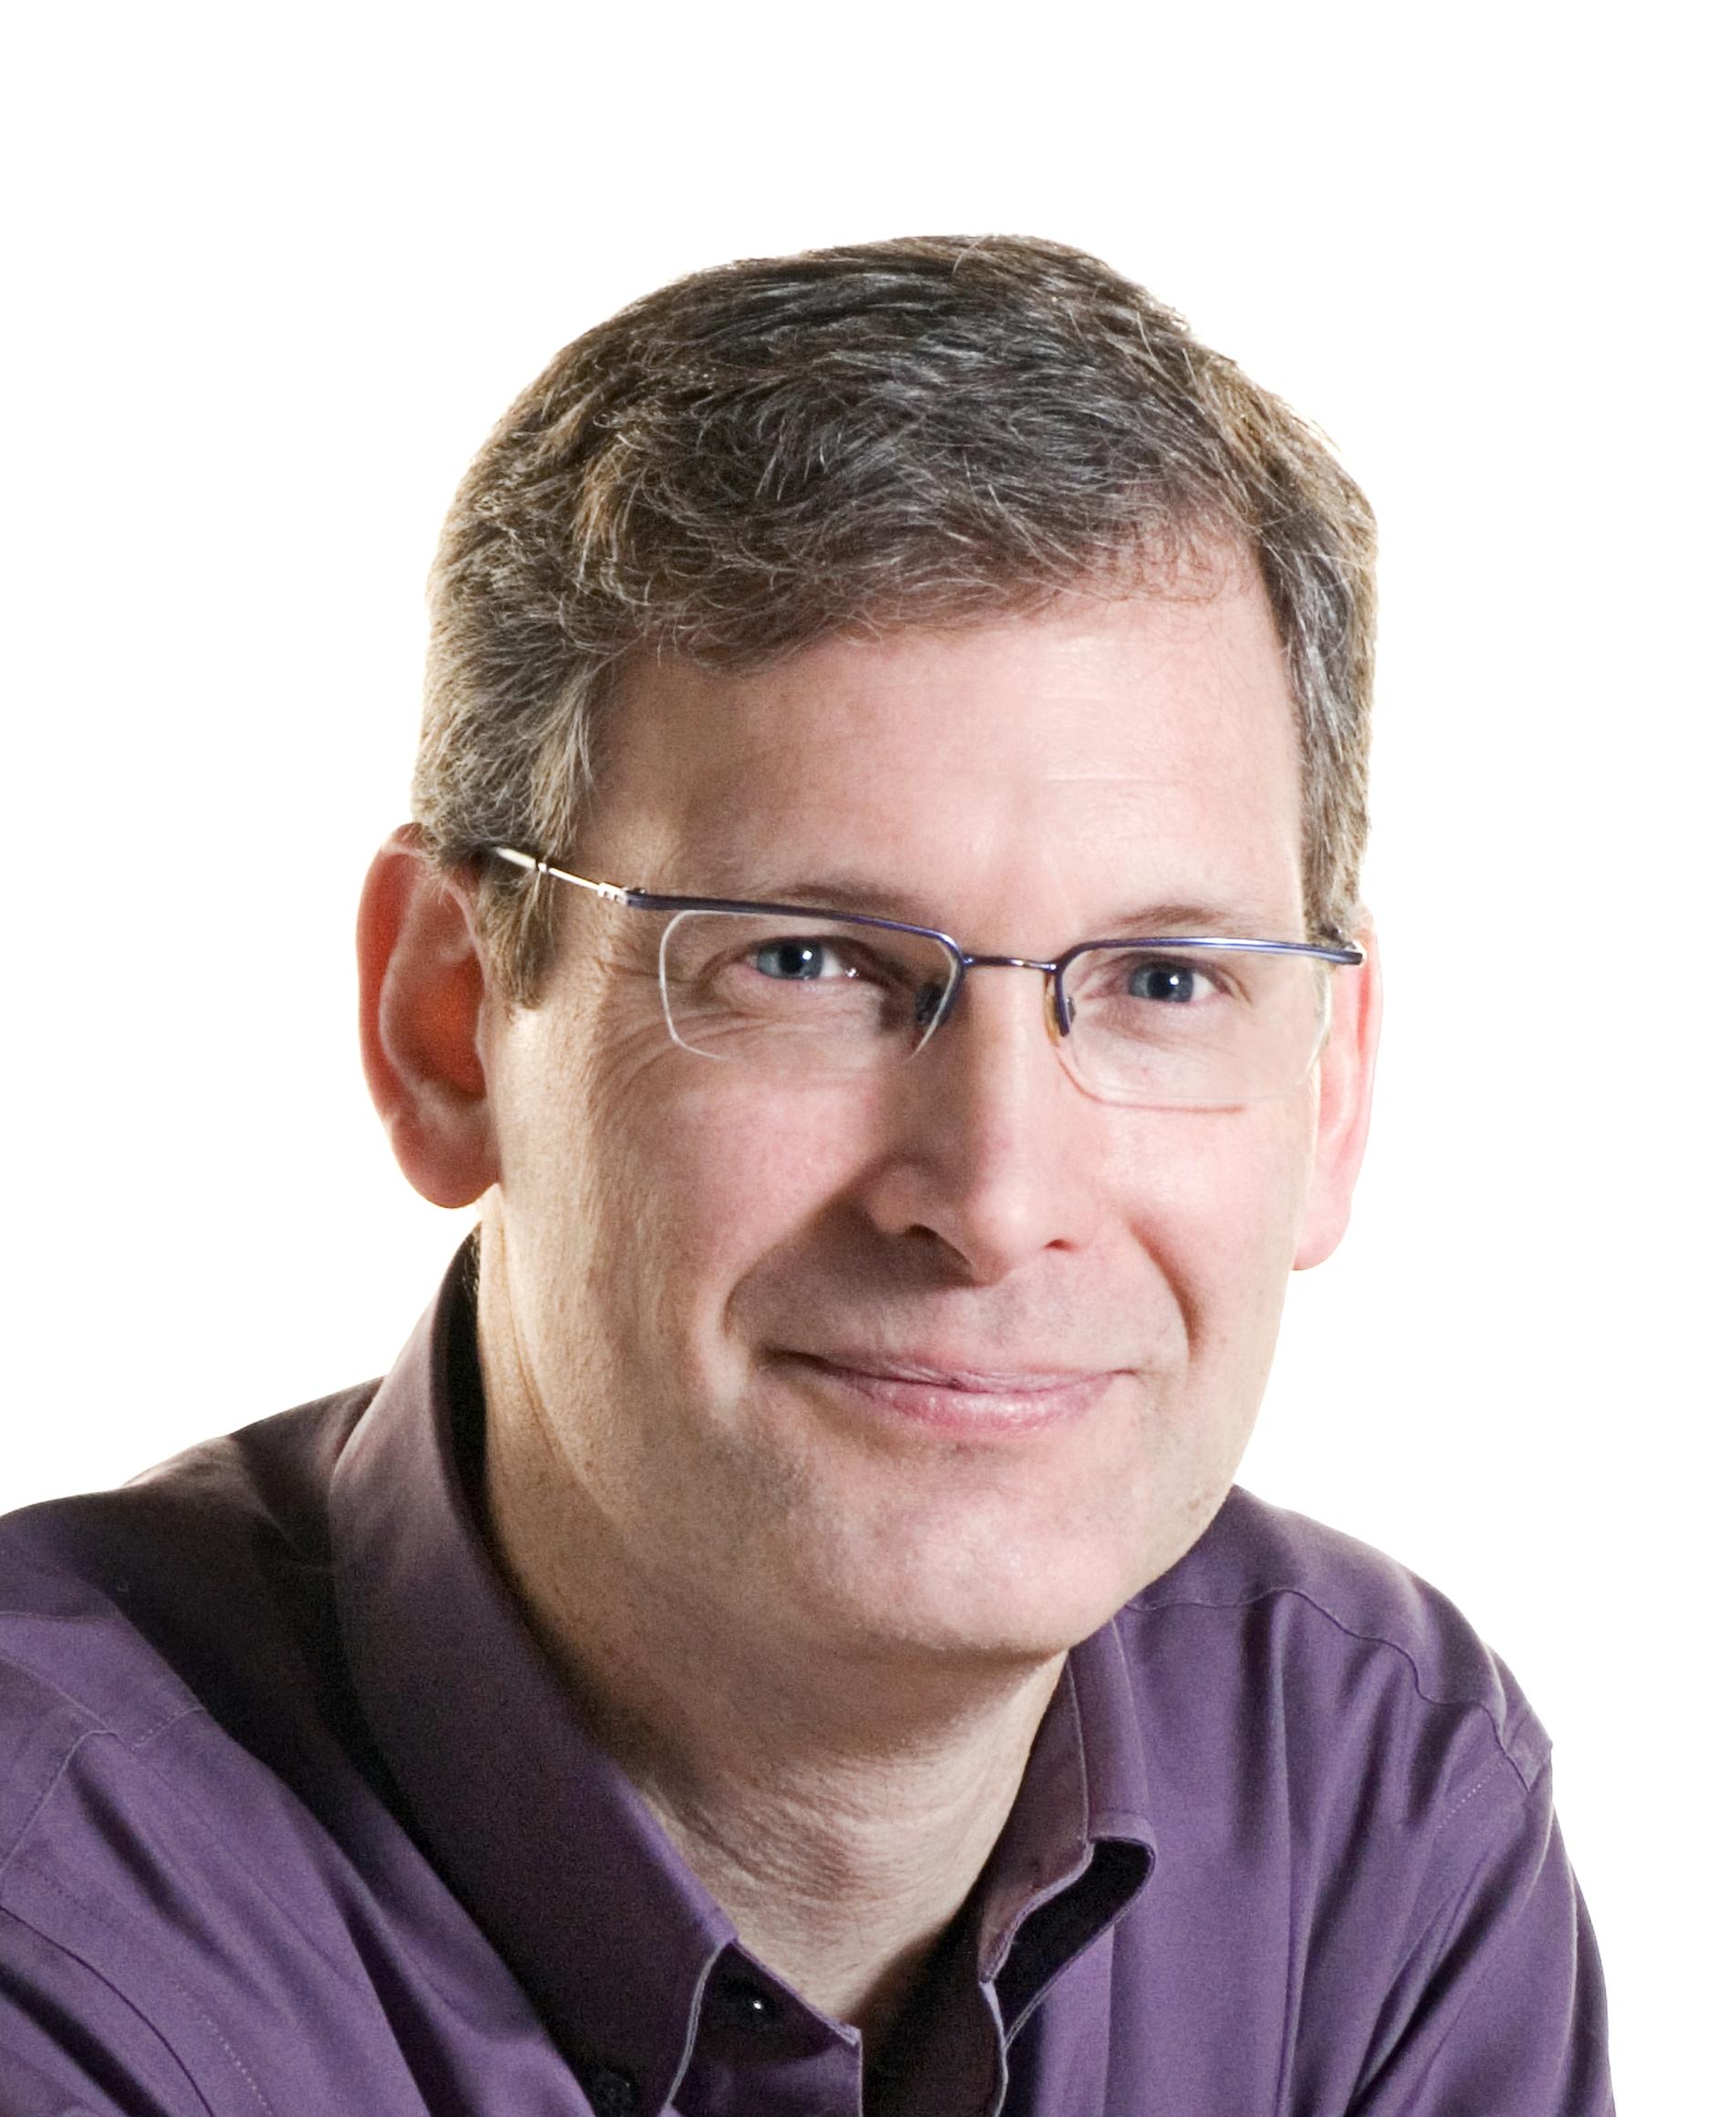 Dr. Jeffrey Ridal